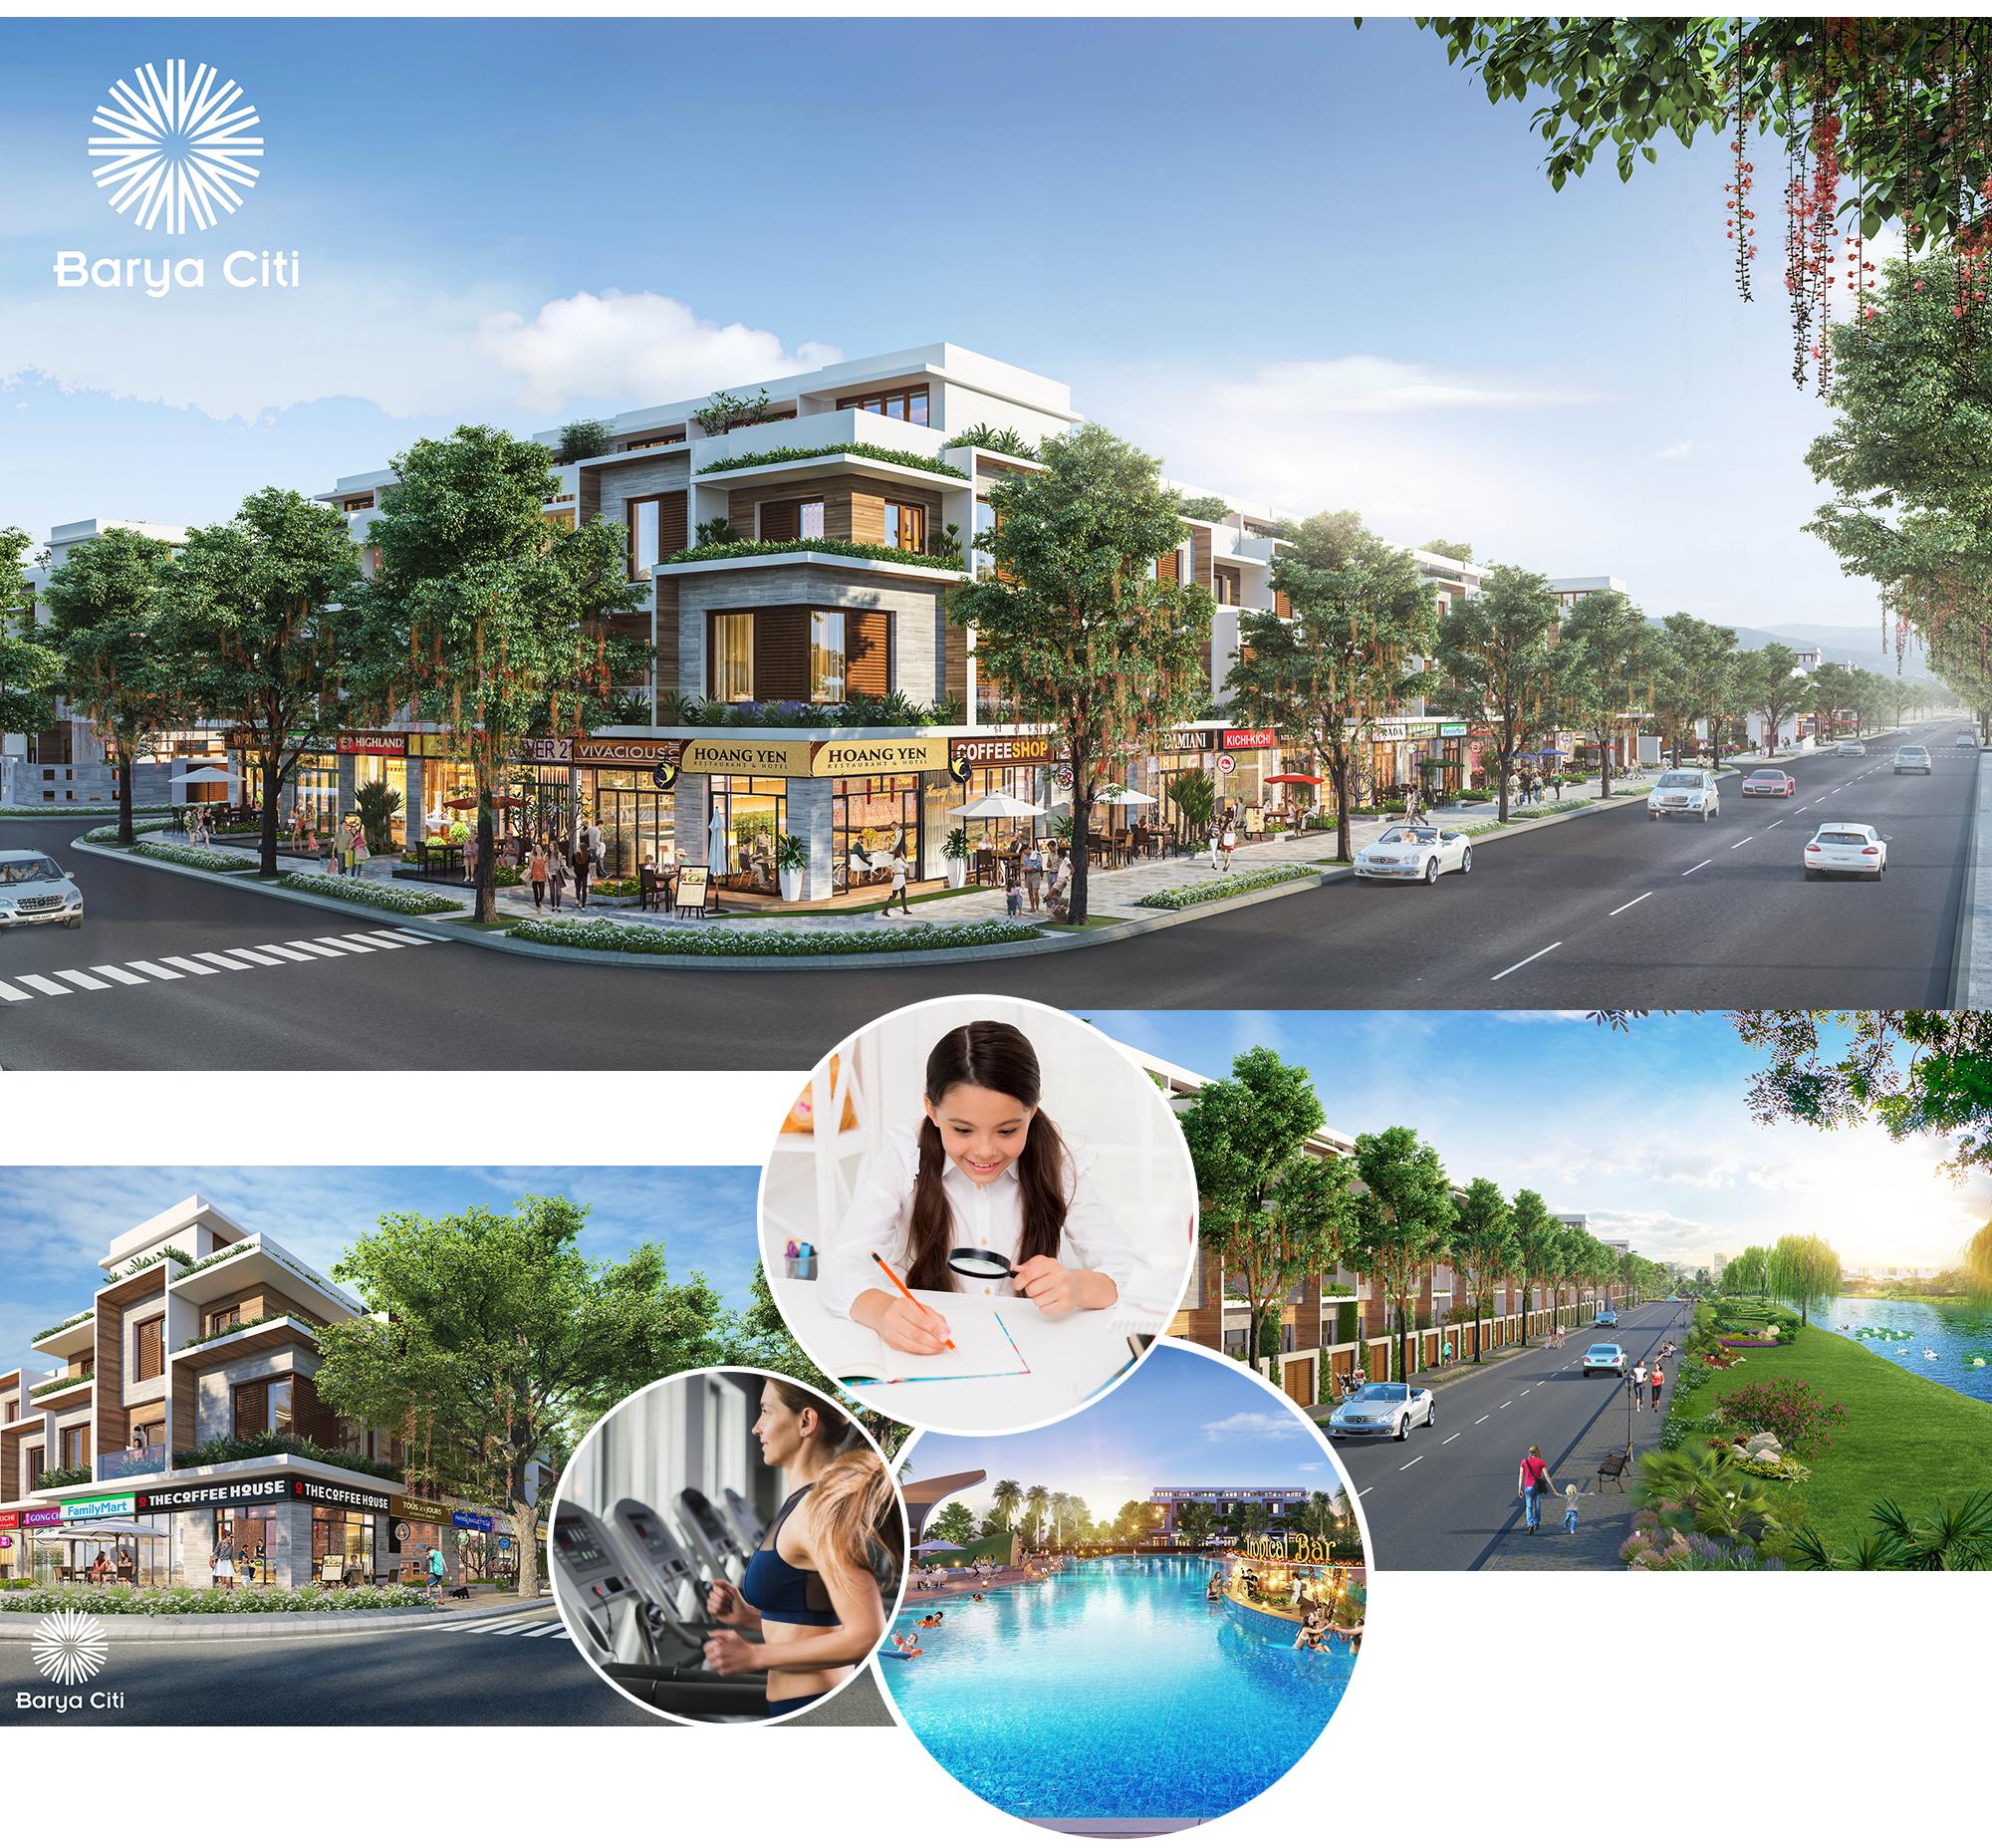 Danh Khôi Holdings và bài toán phát triển khu đô thị kiểu mẫu hàng đầu tại Thành phố Bà Rịa - Ảnh 12.